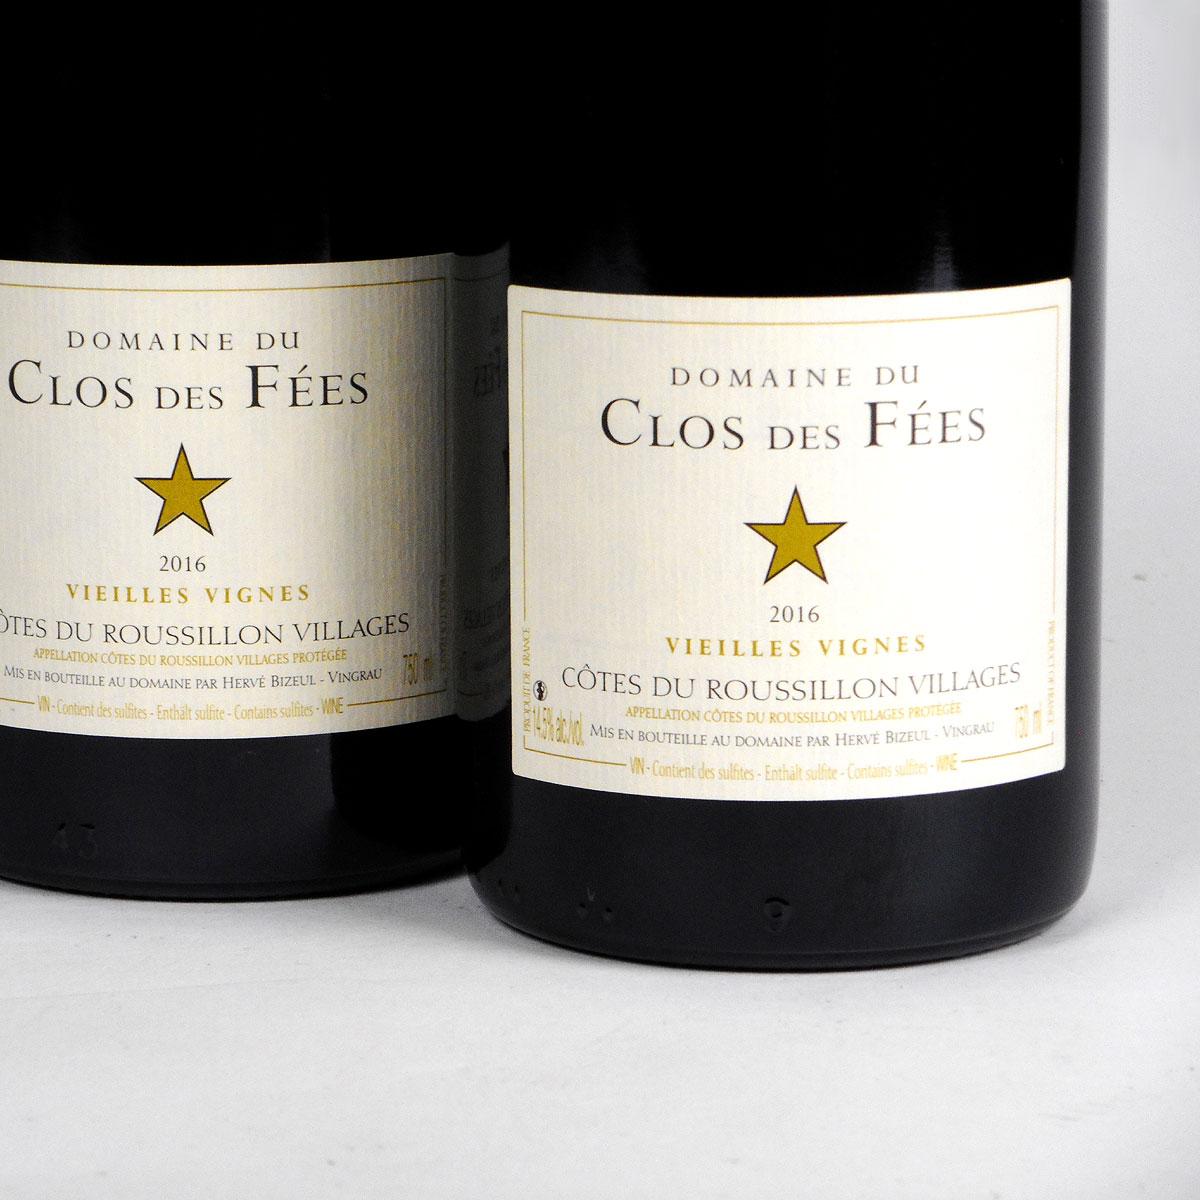 Côtes du Roussillon Villages: Domaine du Clos des Fées 'Vieilles Vignes' Rouge 2016